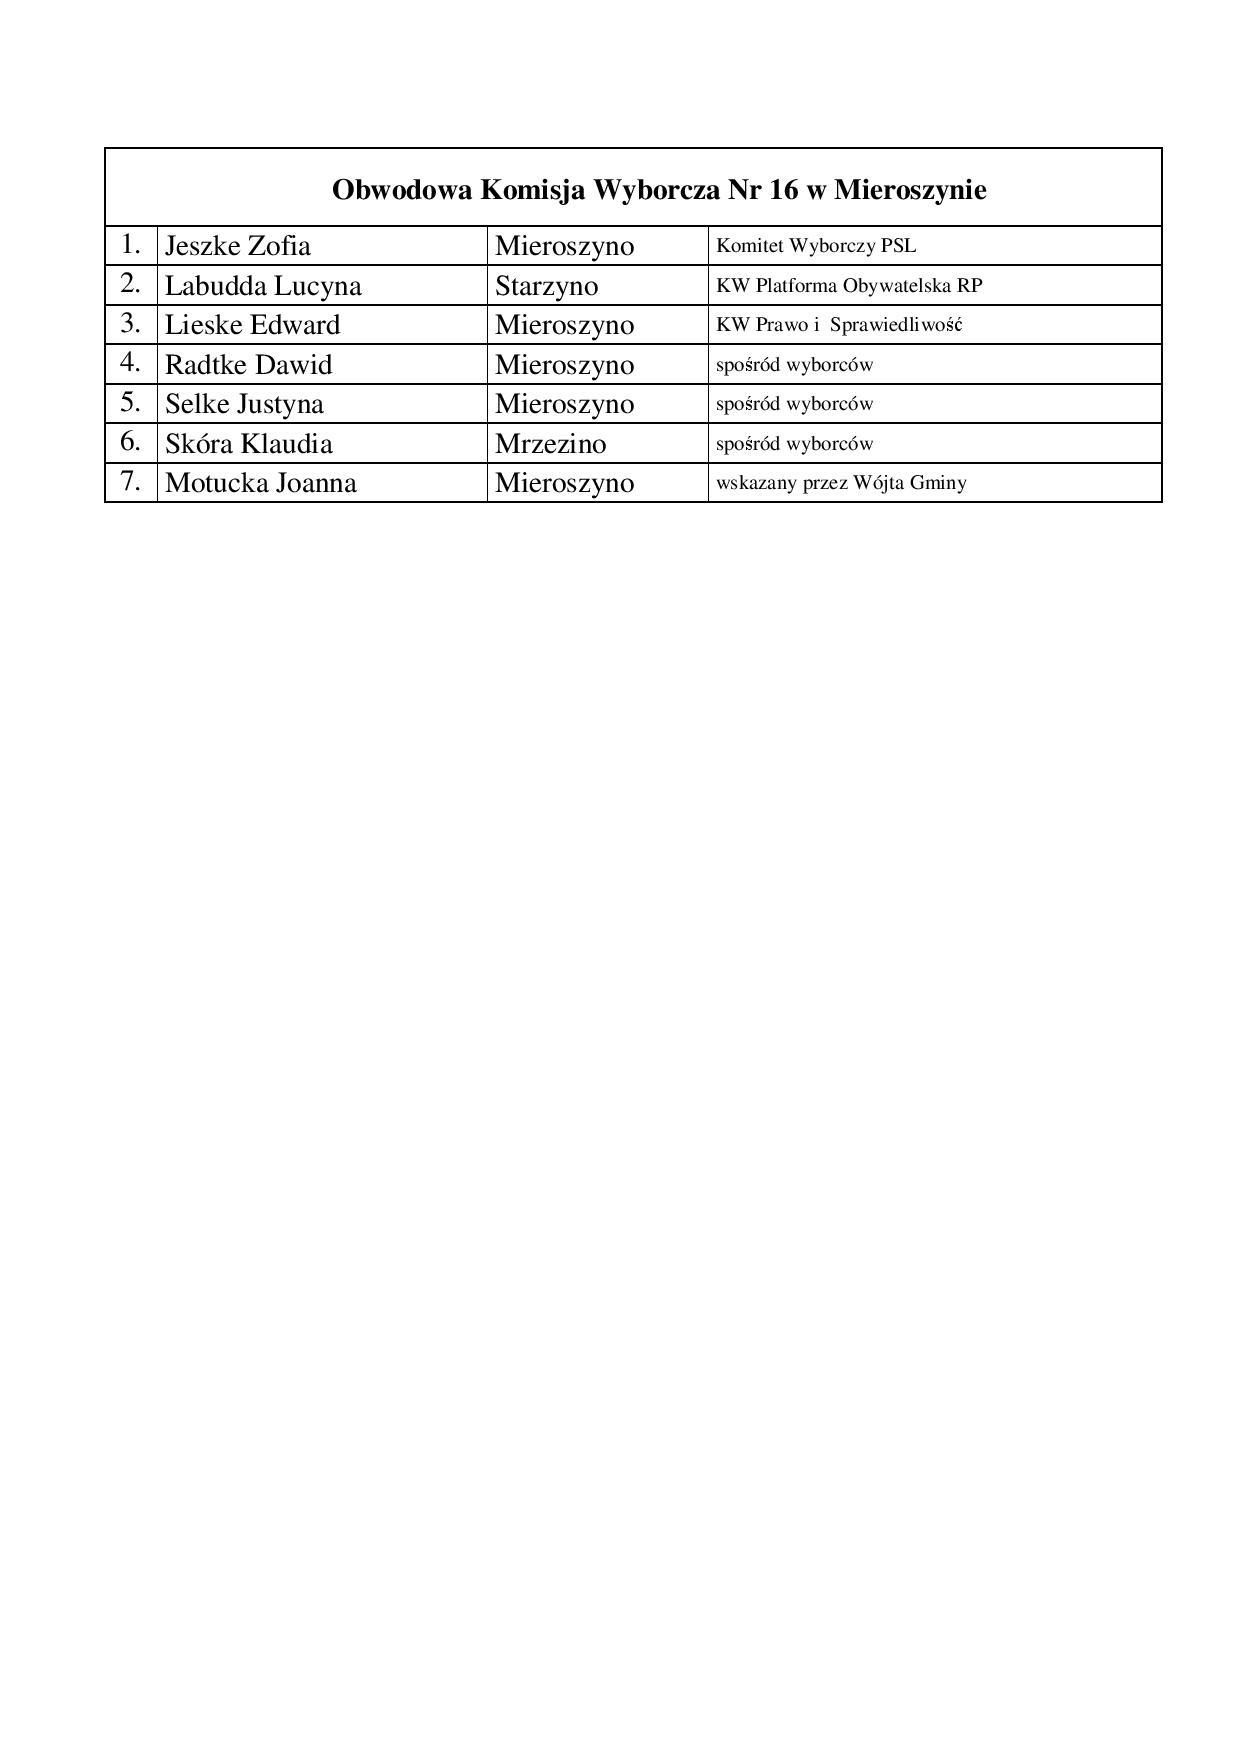 Zarządzenie 81-2014 powołanie OKW - PE-page-005